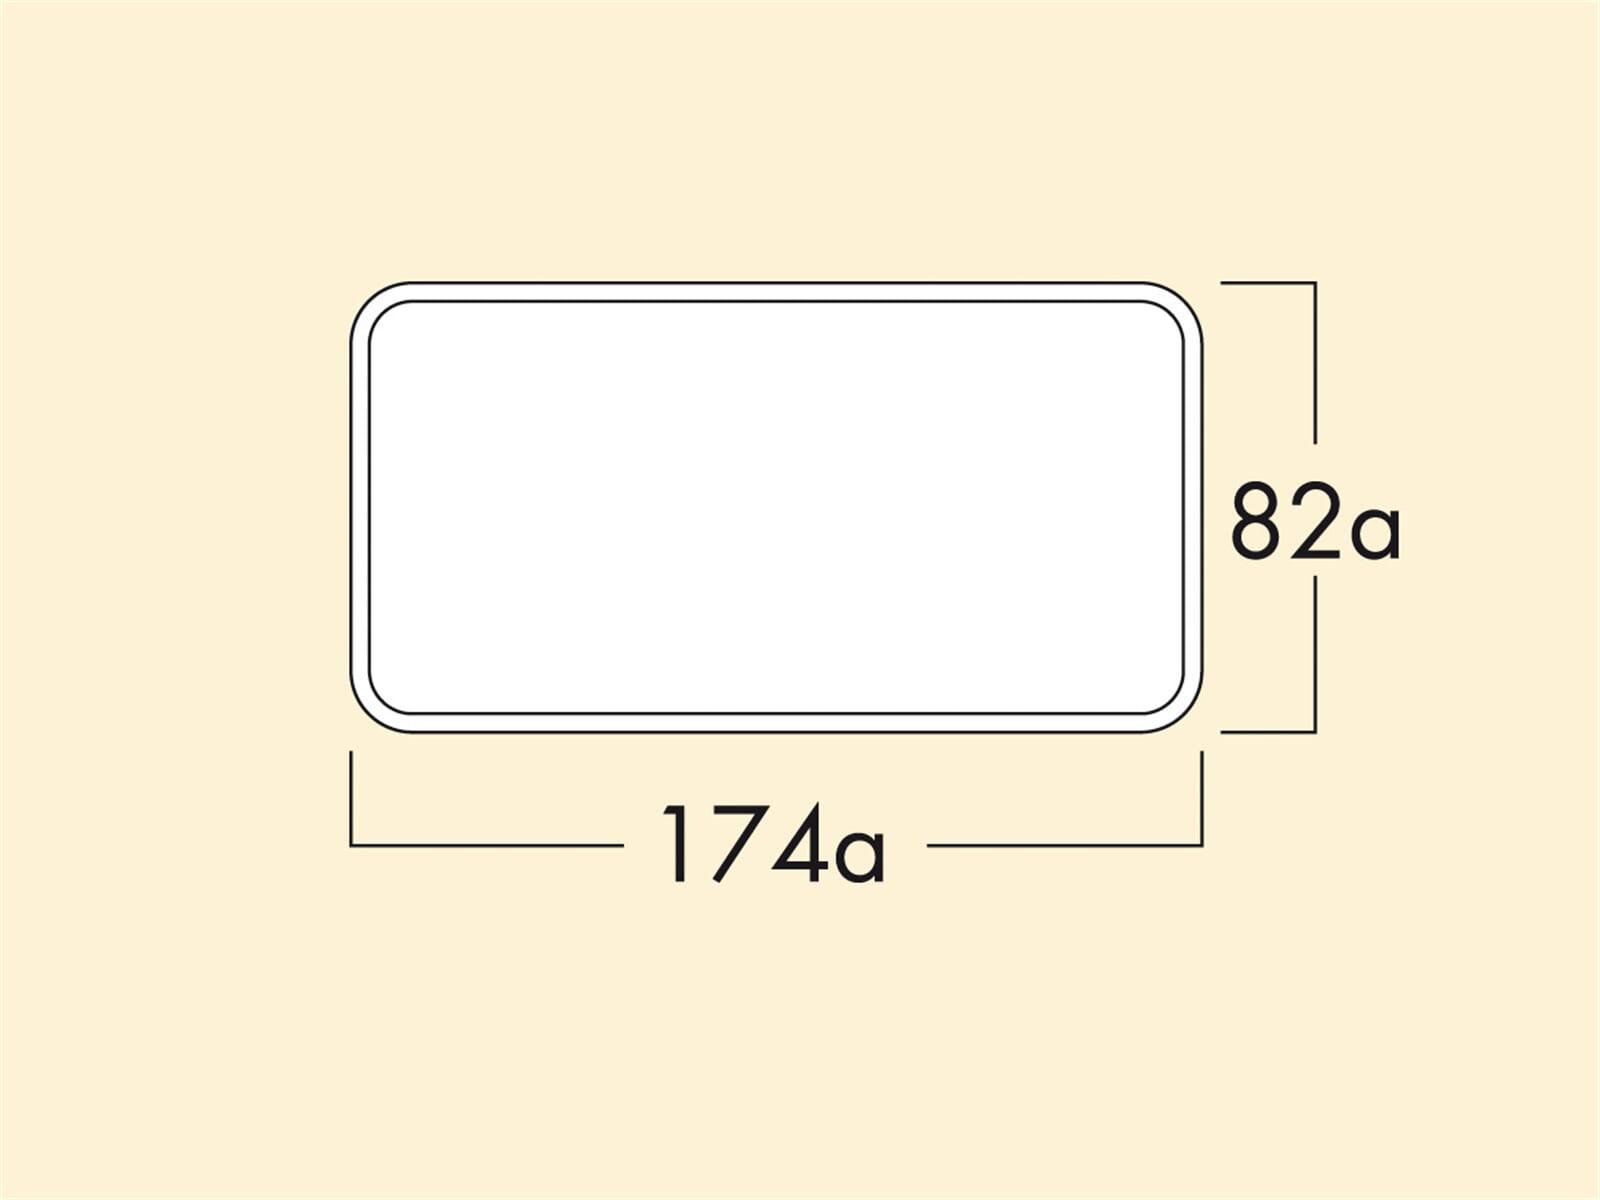 Compair 403.3.004 MF-VRM 1000 Flachkanalrohr mit Muffe